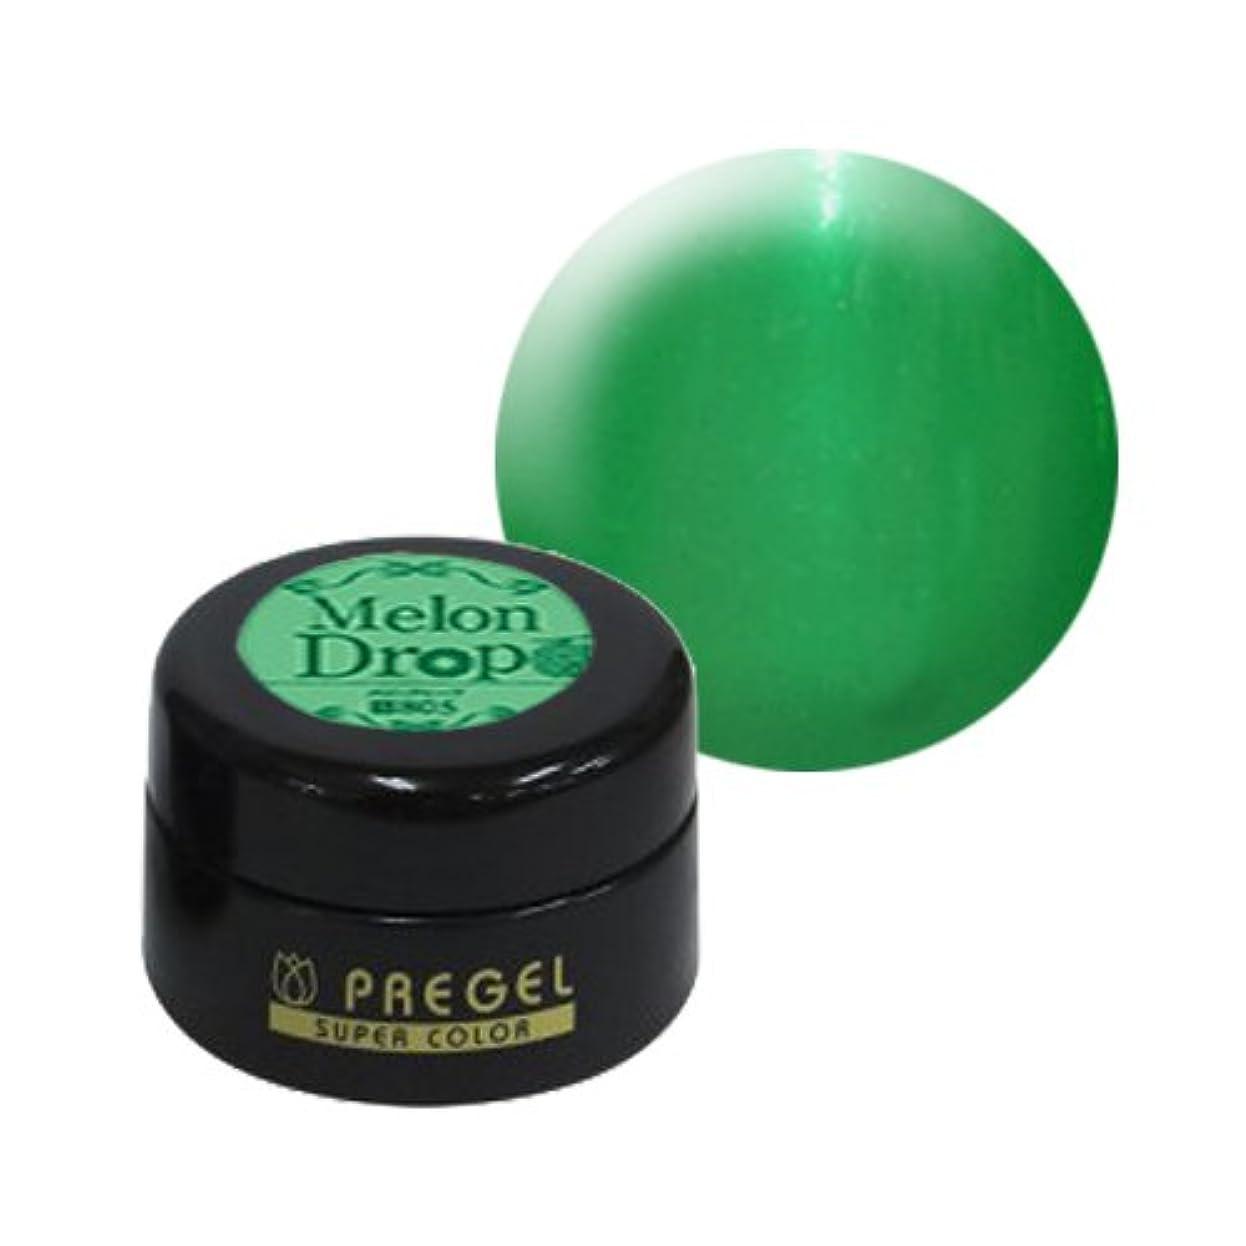 顎導入するあなたのもの【PREGEL】スーパーカラーEx メロンドロップ / PG-SE805 [ドロップシリーズ] 【全10色】【UV&LED対応】プリジェル ジェルネイル用品 カラージェル